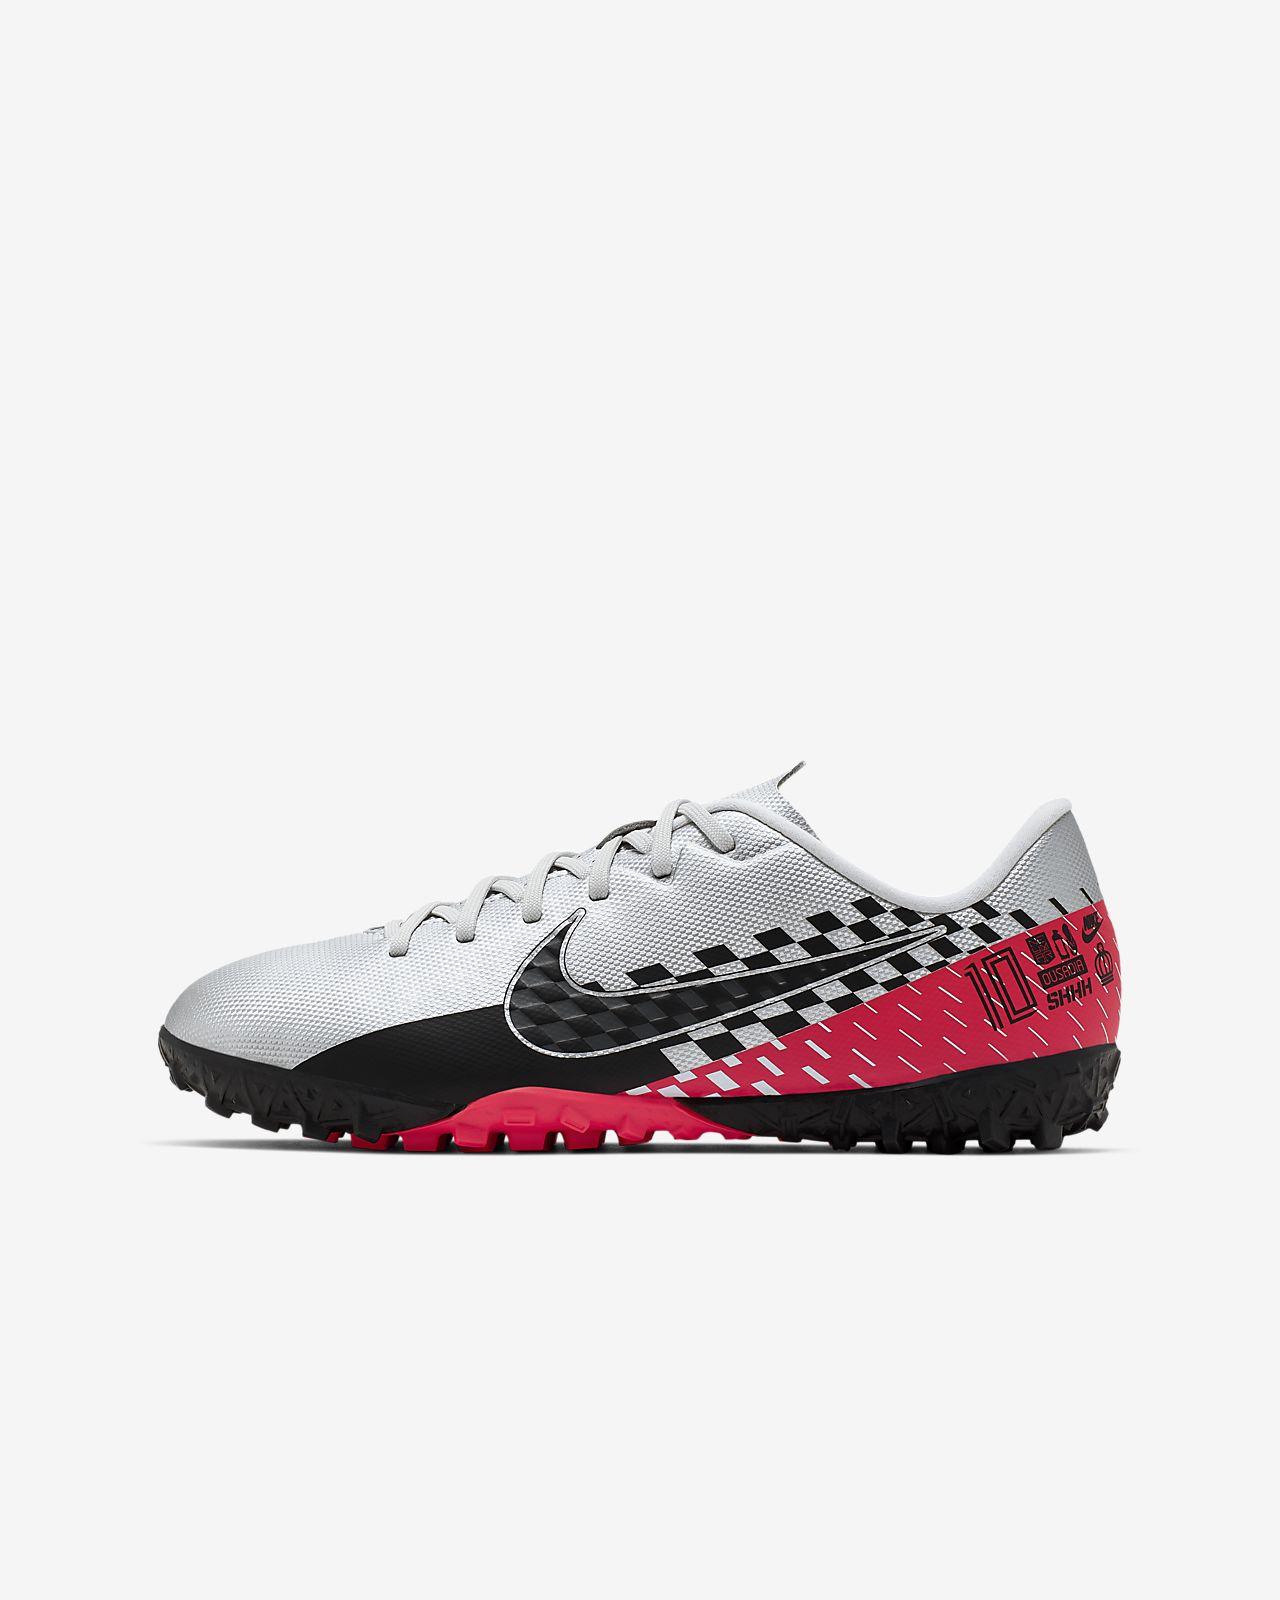 Chaussure de football pour surface synthétique Nike Jr. Mercurial Vapor 13 Academy Neymar Jr. TF pour Jeune enfant/Enfant plus âgé